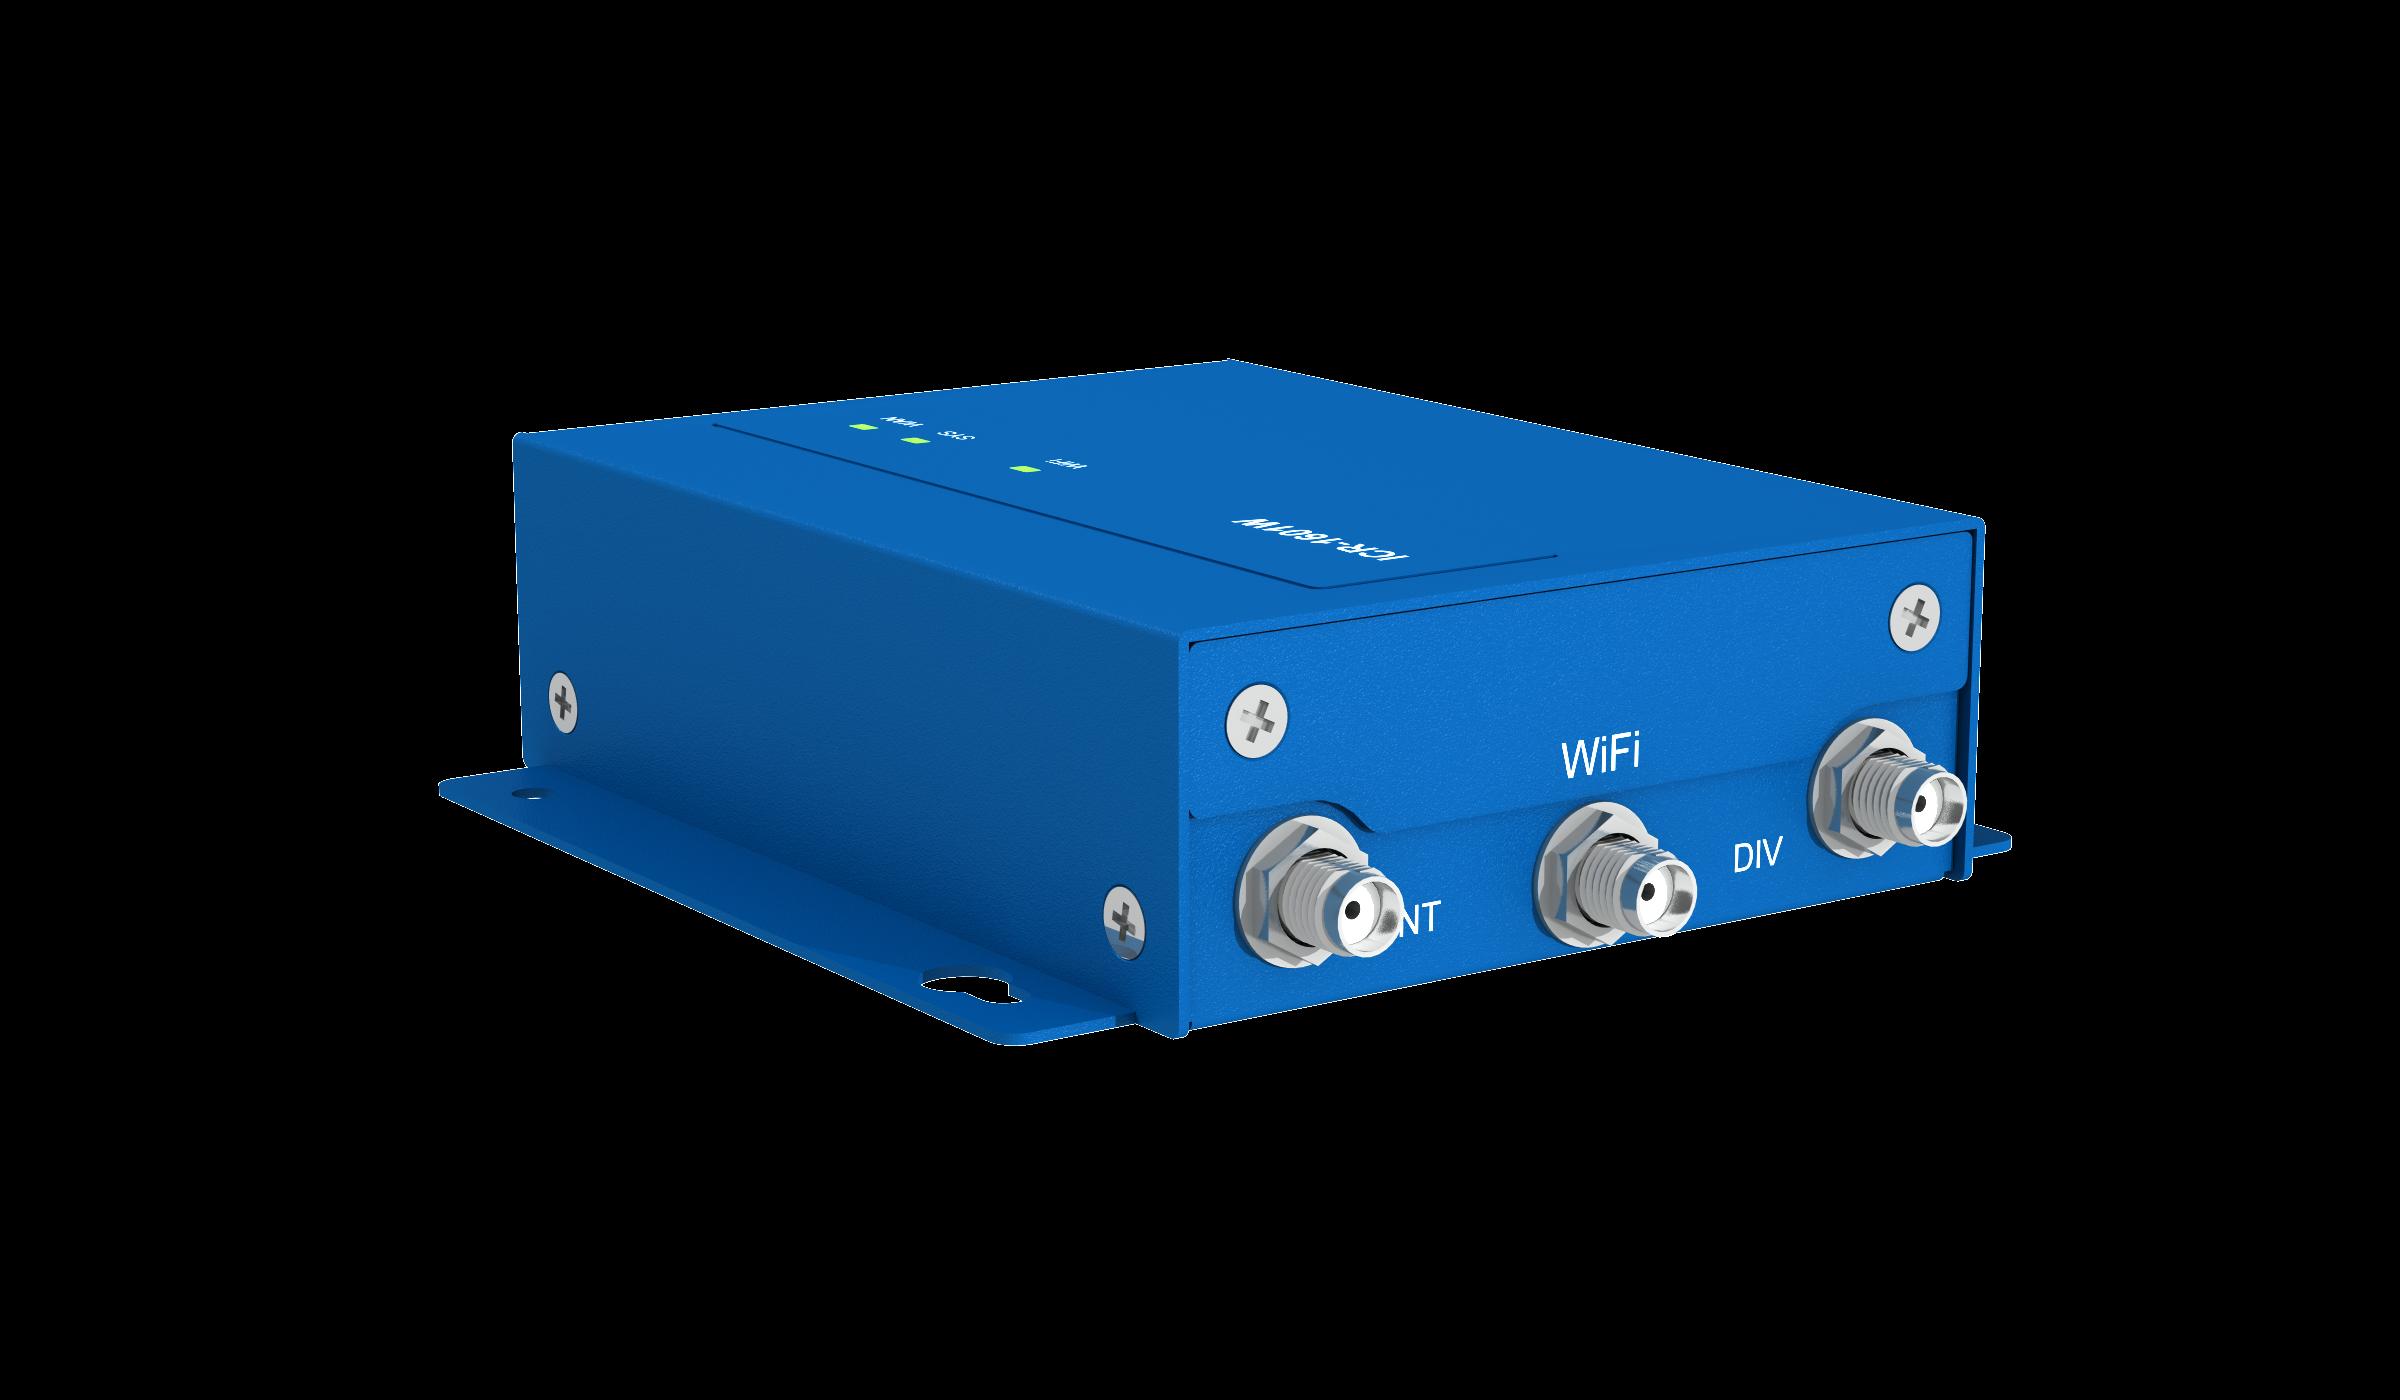 Компания Conel начала поставки новых 4G маршрутизаторов семейства IСR-1601